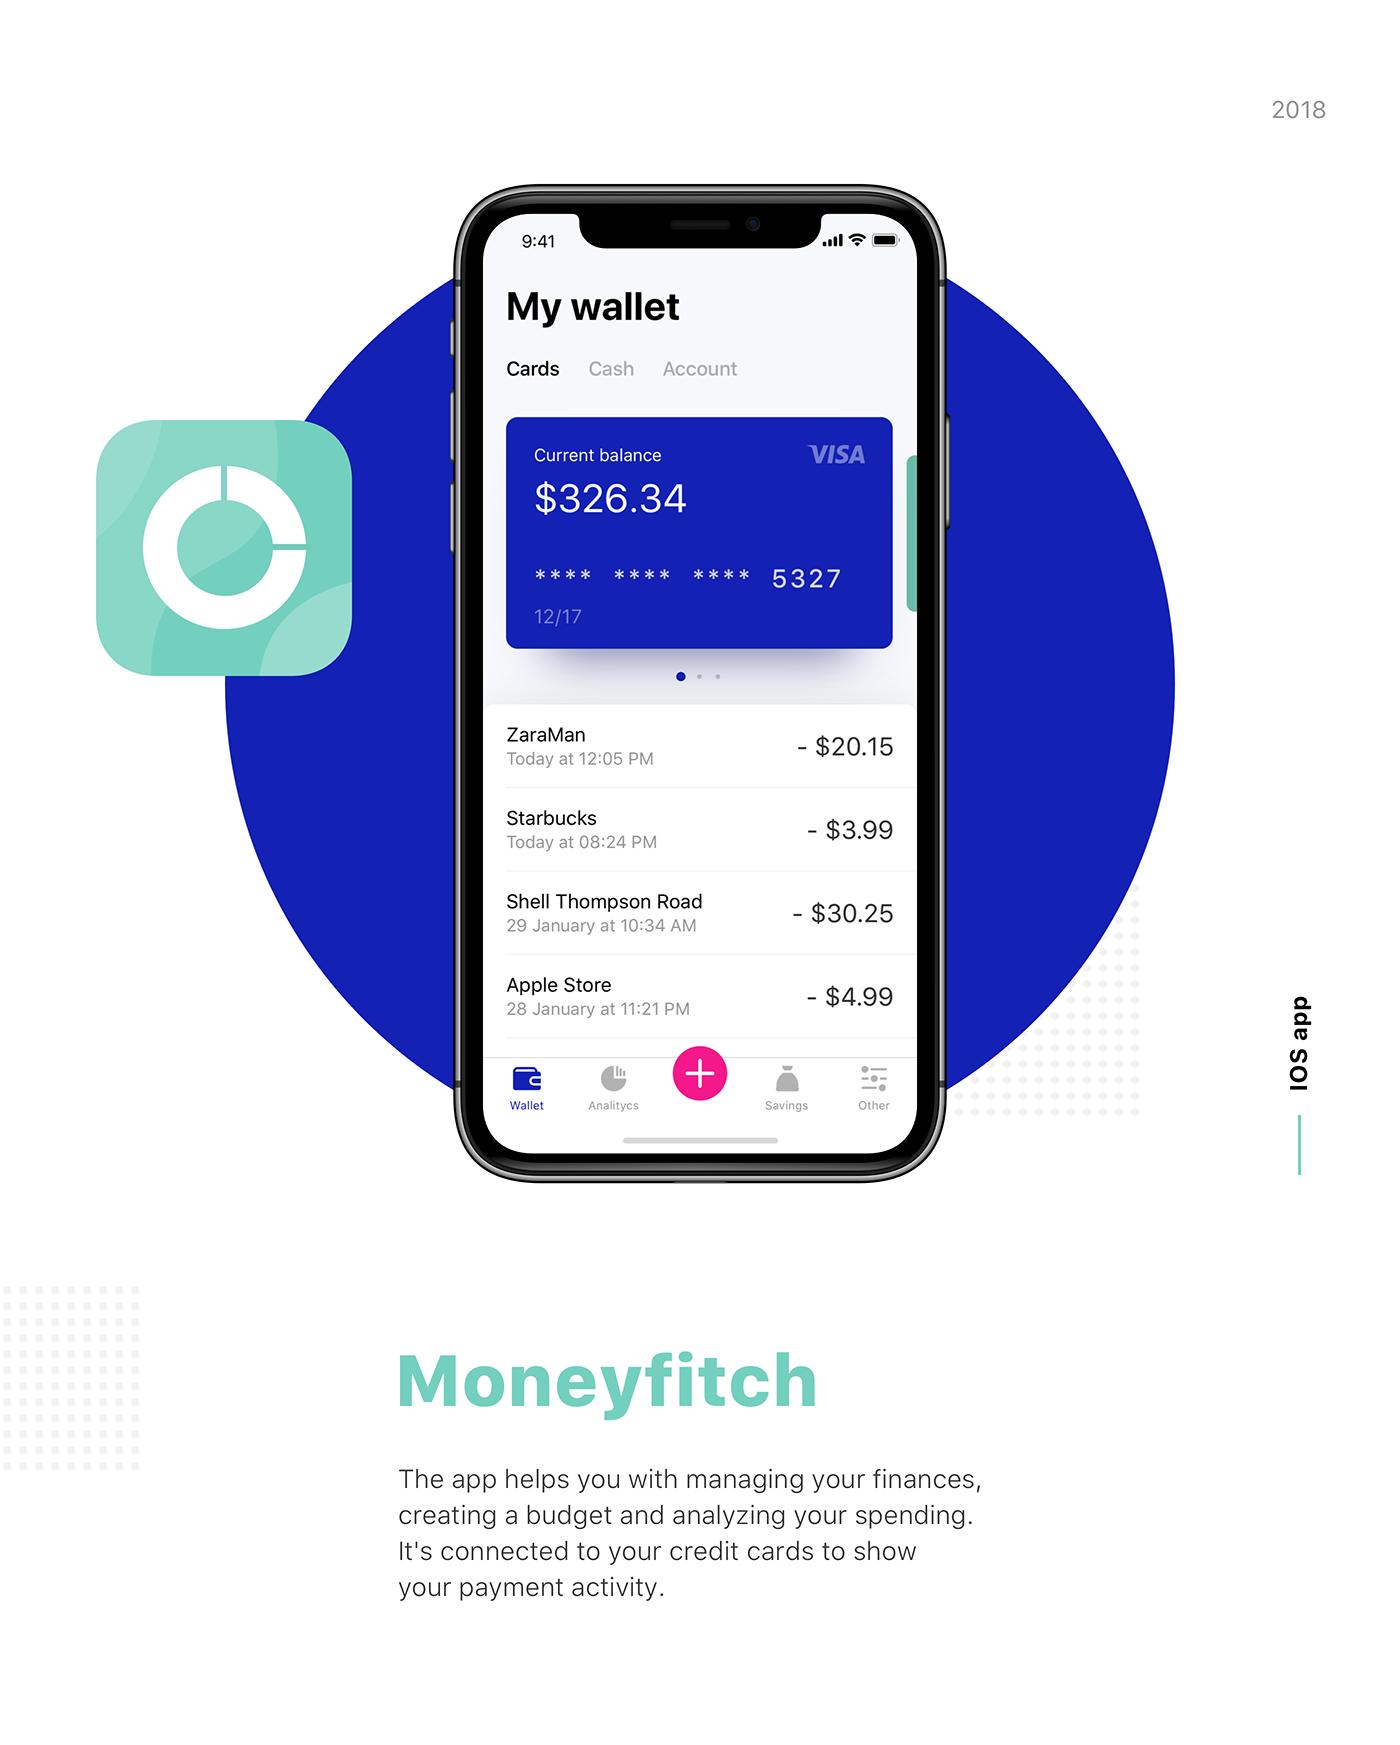 app wallet에 있는 핀